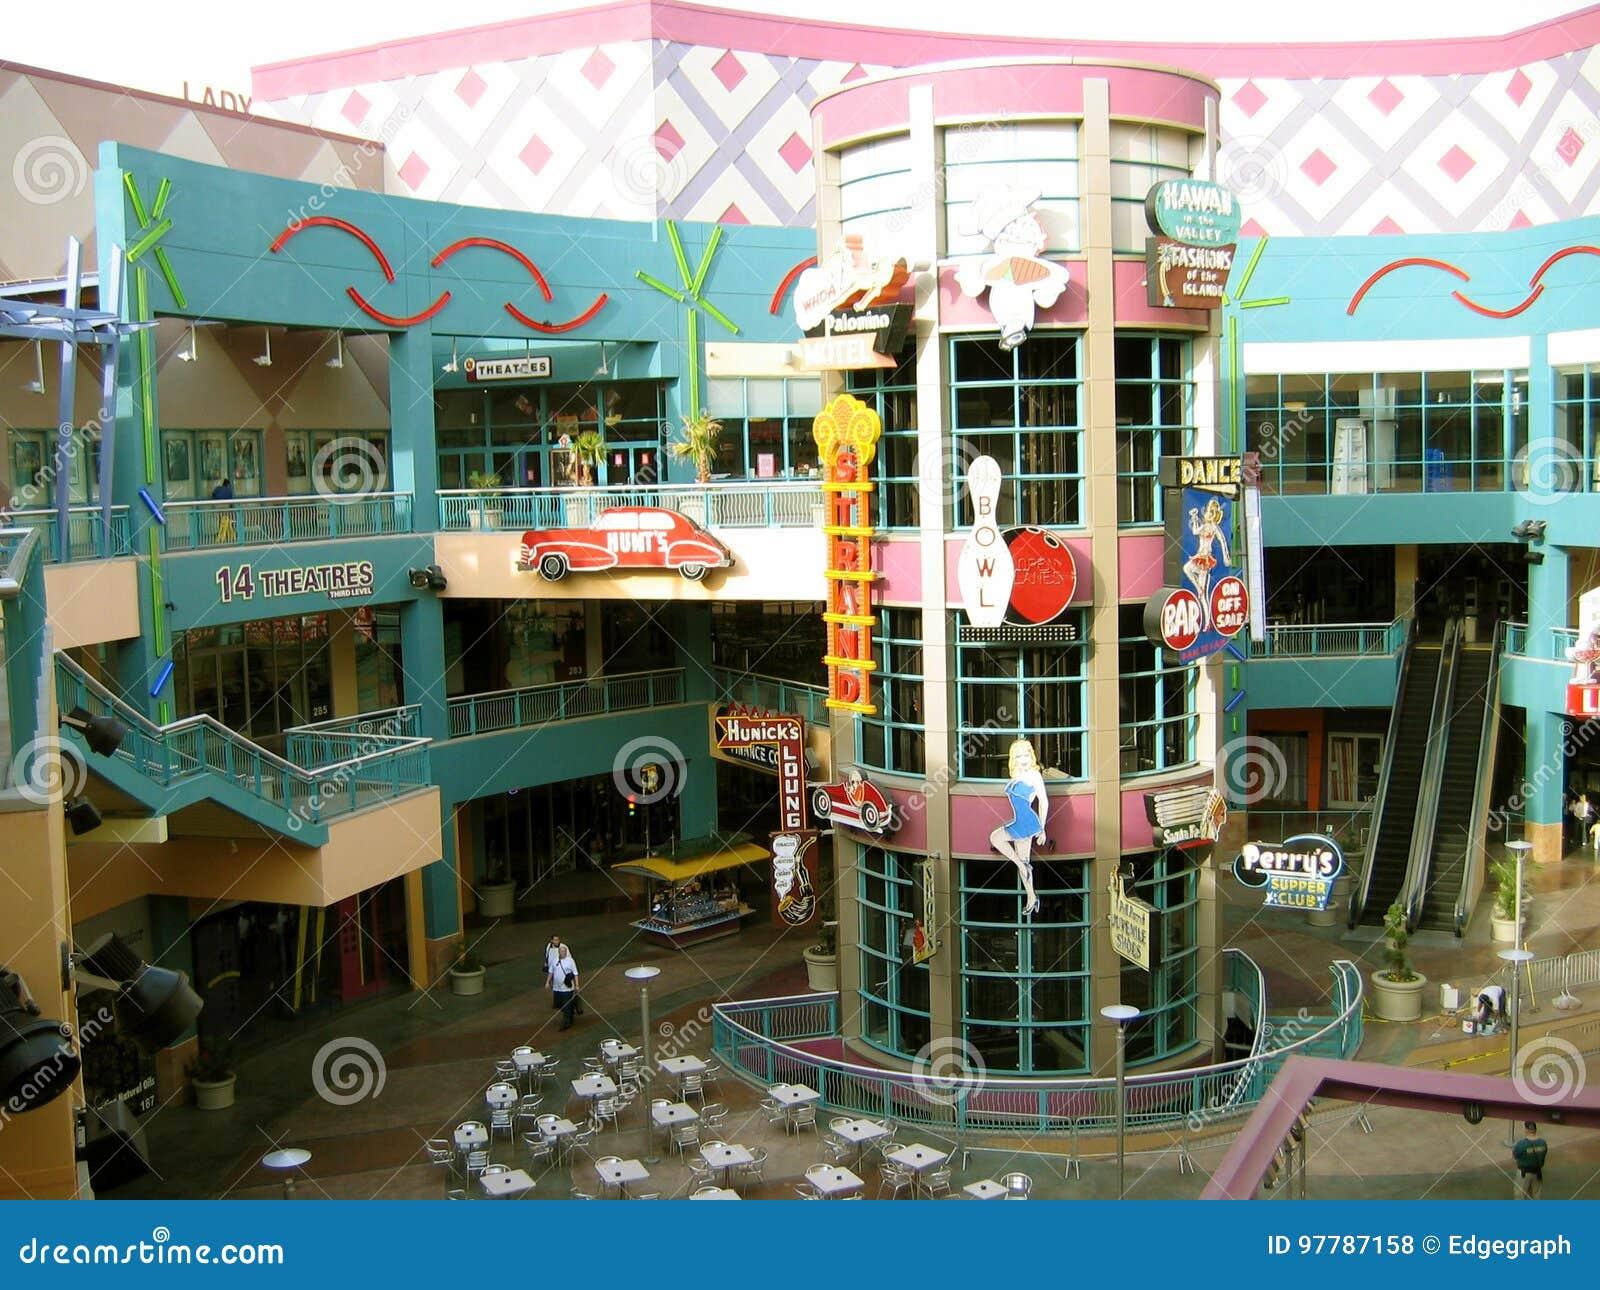 Neonopolis 14 teatros, Las Vegas, Nevada, EUA